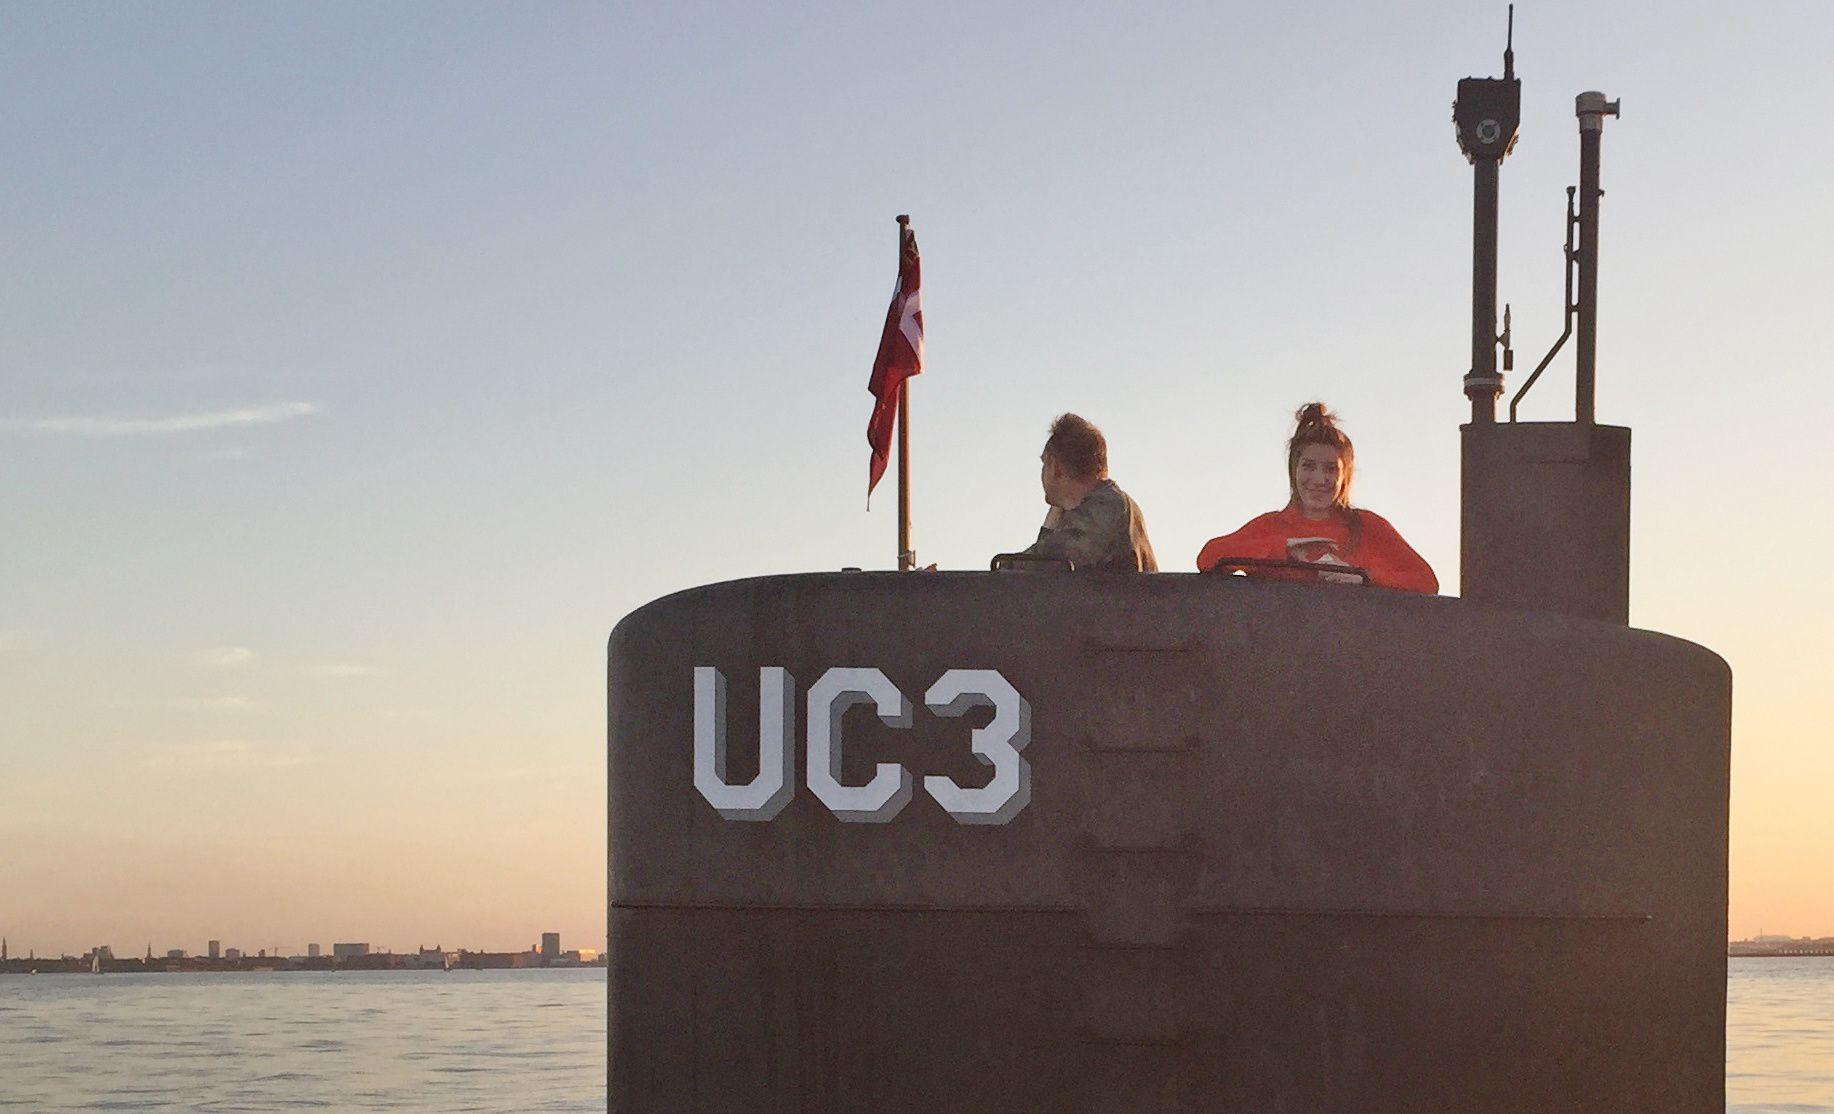 DET SISTE BILDET: Dette bildet er tatt kvelden 10. august og viser Kim Wall og Peter Madsen ombord i hans ubåt. Det er det siste bildet tatt av Wall i livet. Dager senere ble overkroppen hennes funnet i vannkanten utenfor Danmarks hovedstad.